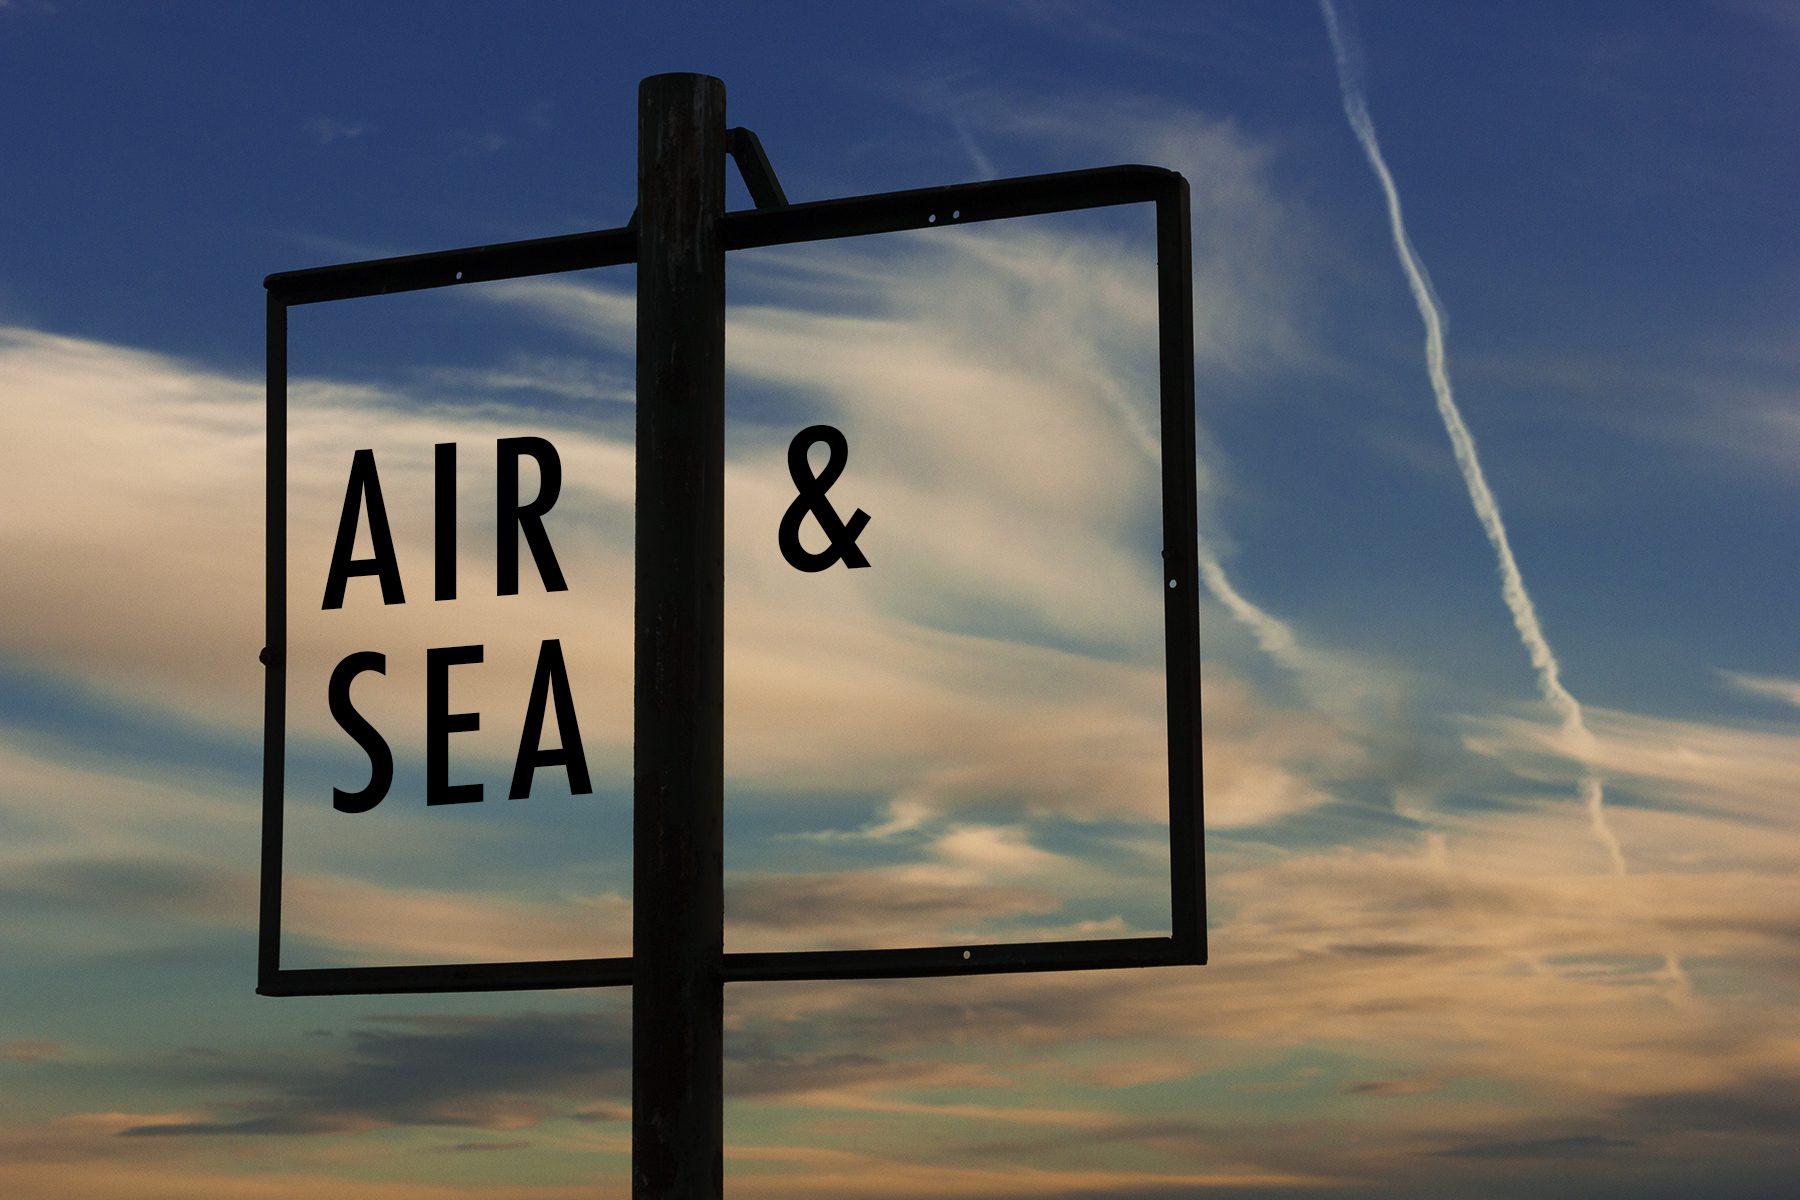 Air & Sea